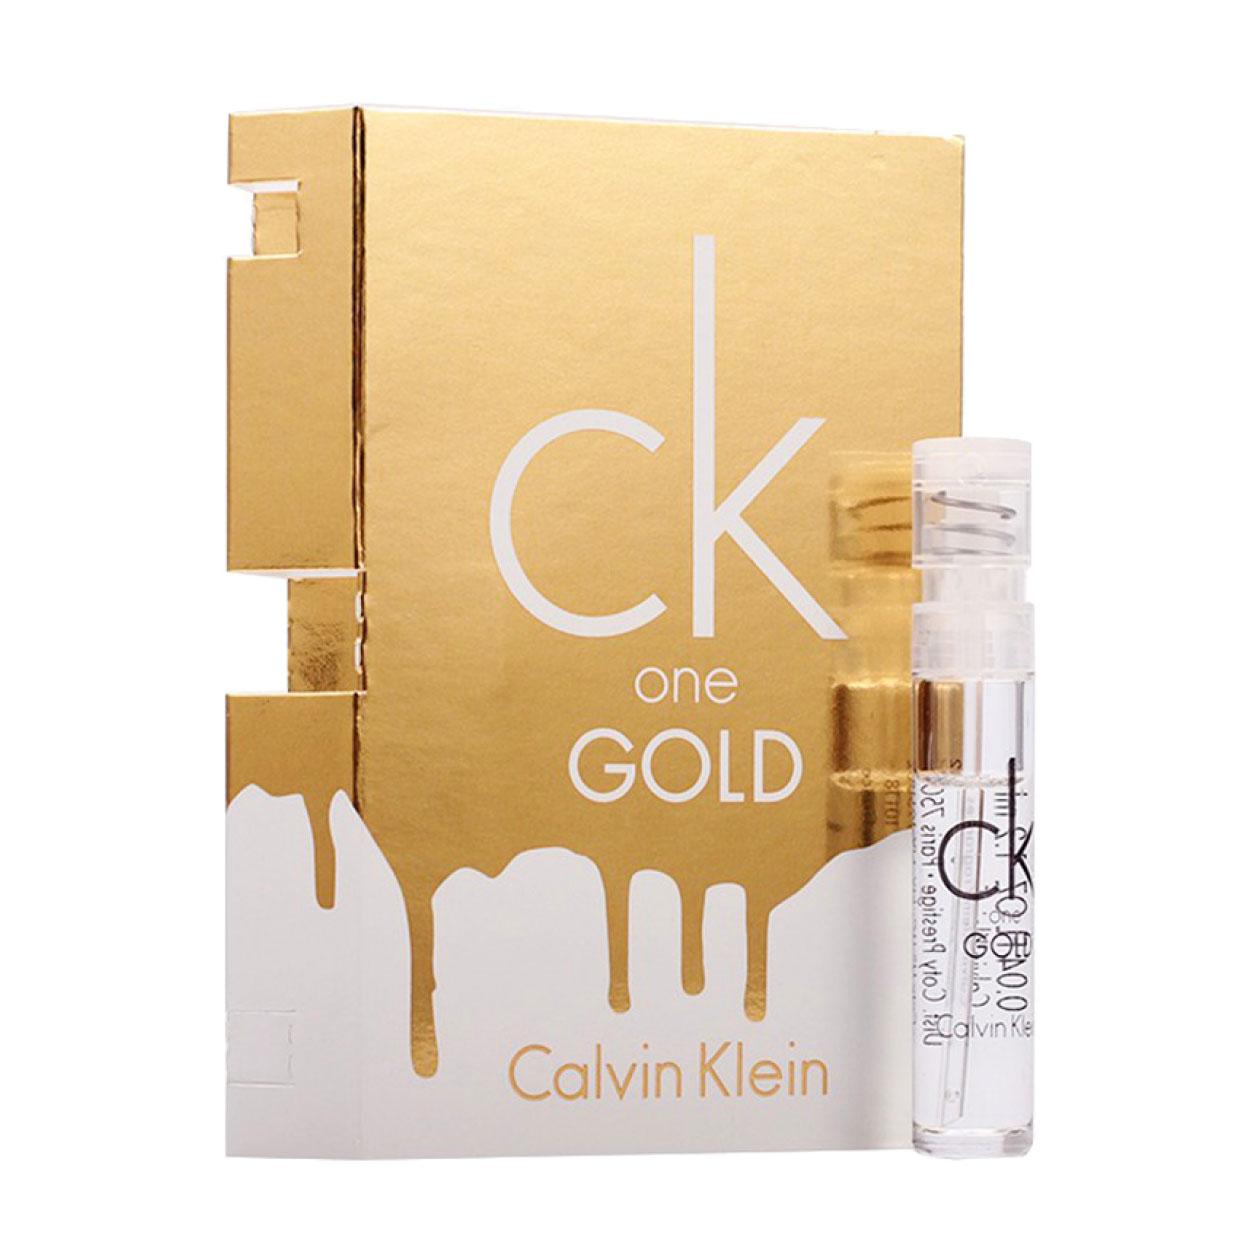 Calvin Klein One Gold Туалетная вода унисекс, 10 мл